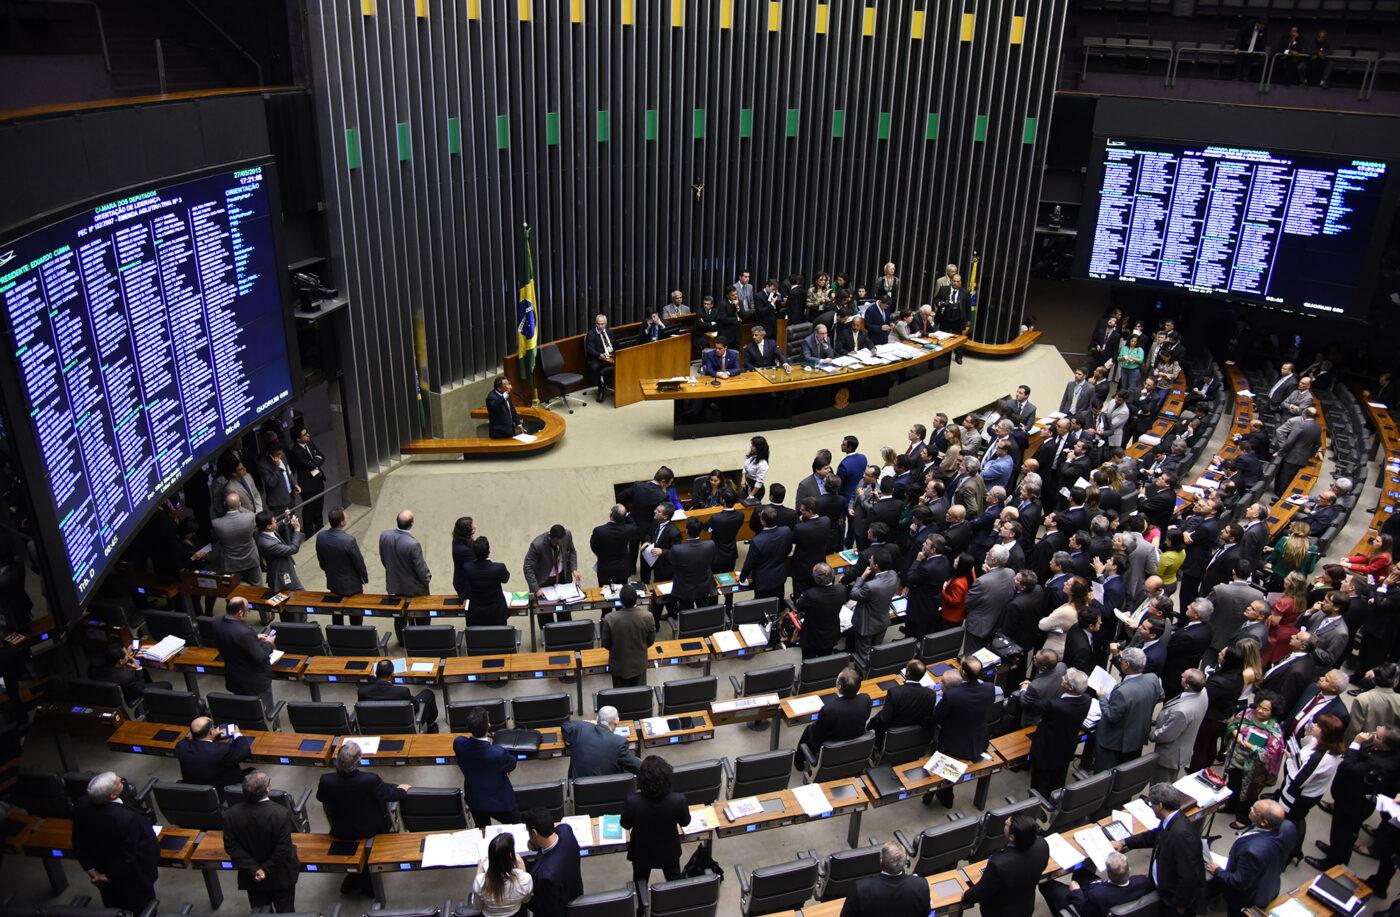 Maioridade penal, reforma política e correção do FGTS são destaques do Plenário